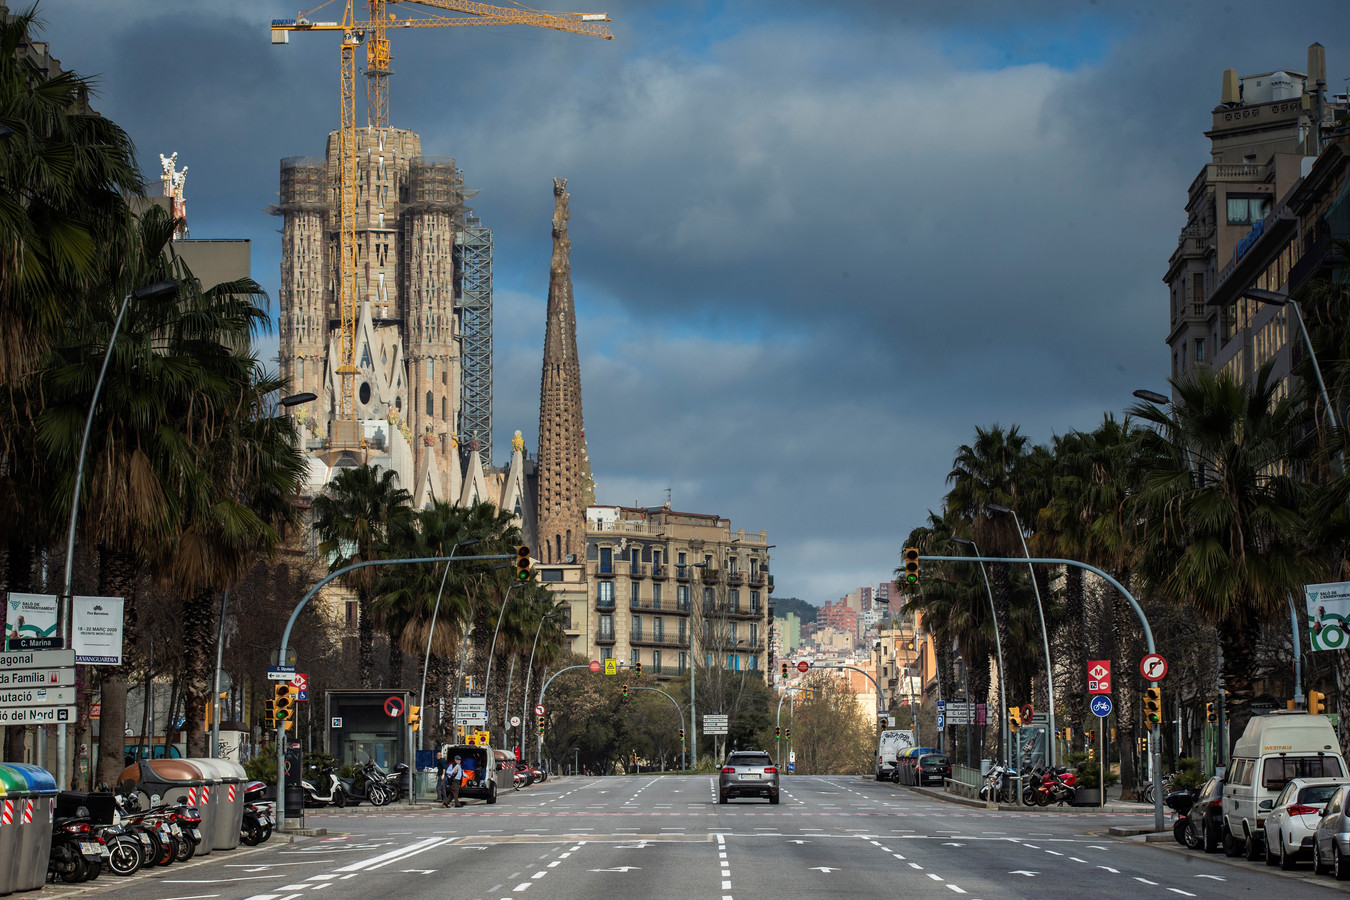 Een vrijwel verlaten straat naast de Sagrada Familia-basiliek (L, achtergrond) in Barcelona, een dag nadat de Spaanse regering de alarmstatus afkondigde in een poging de verspreiding van COVID-19 te stoppen.